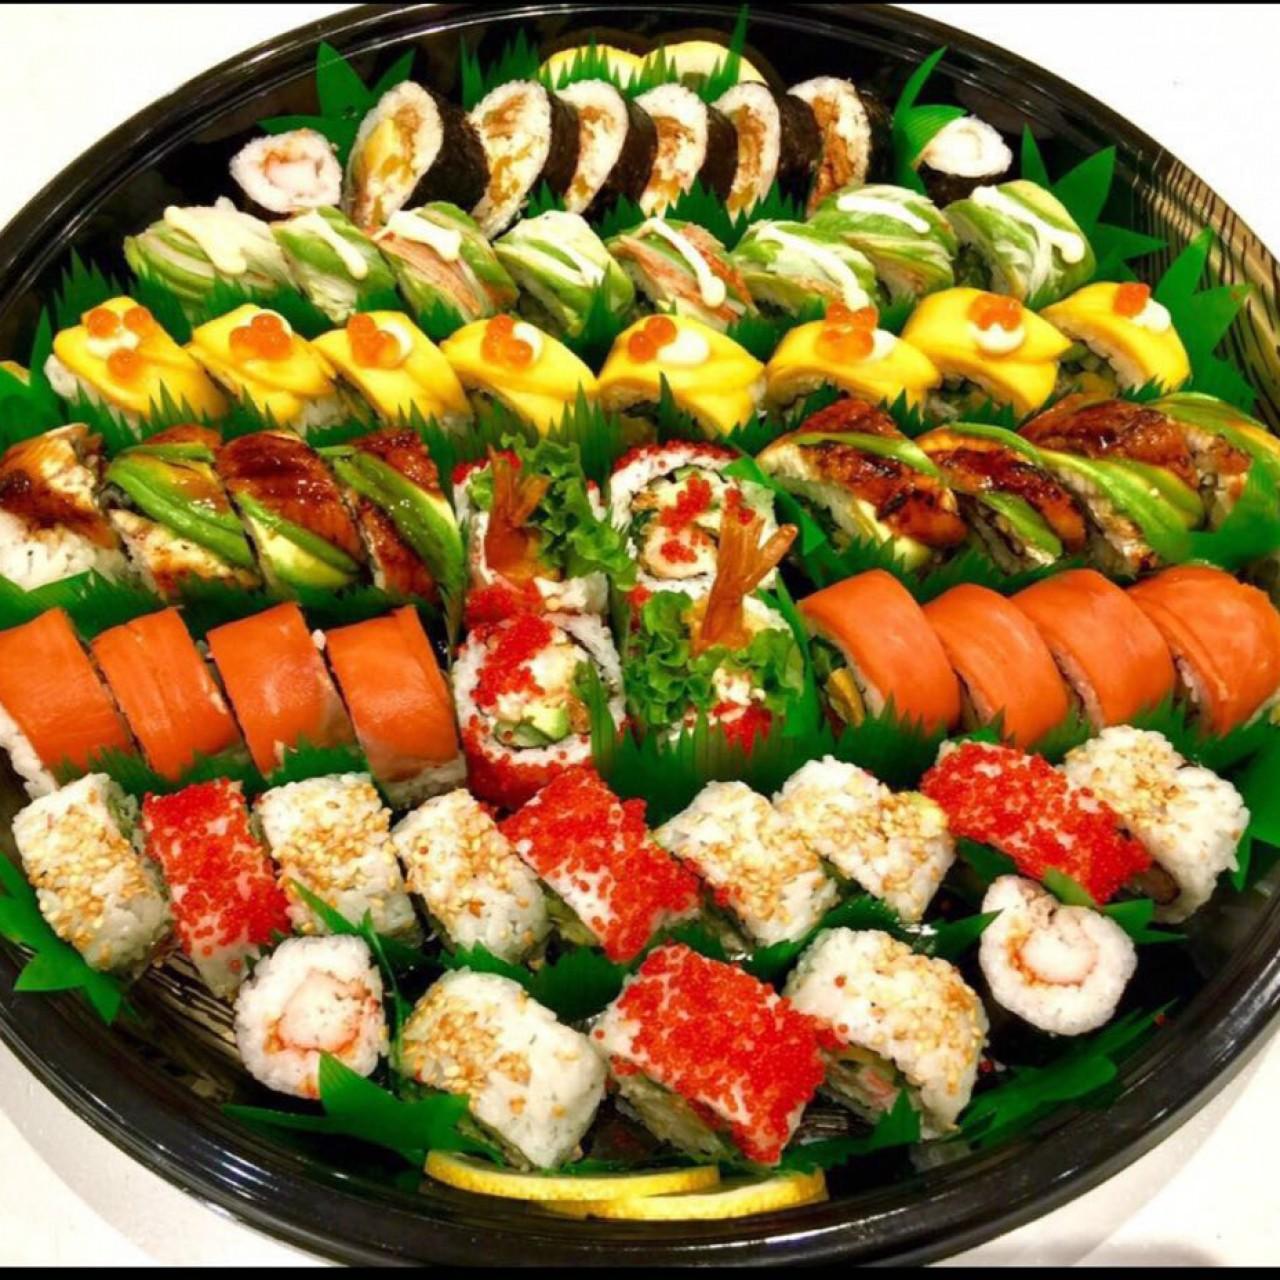 Party tray 08 52pcs